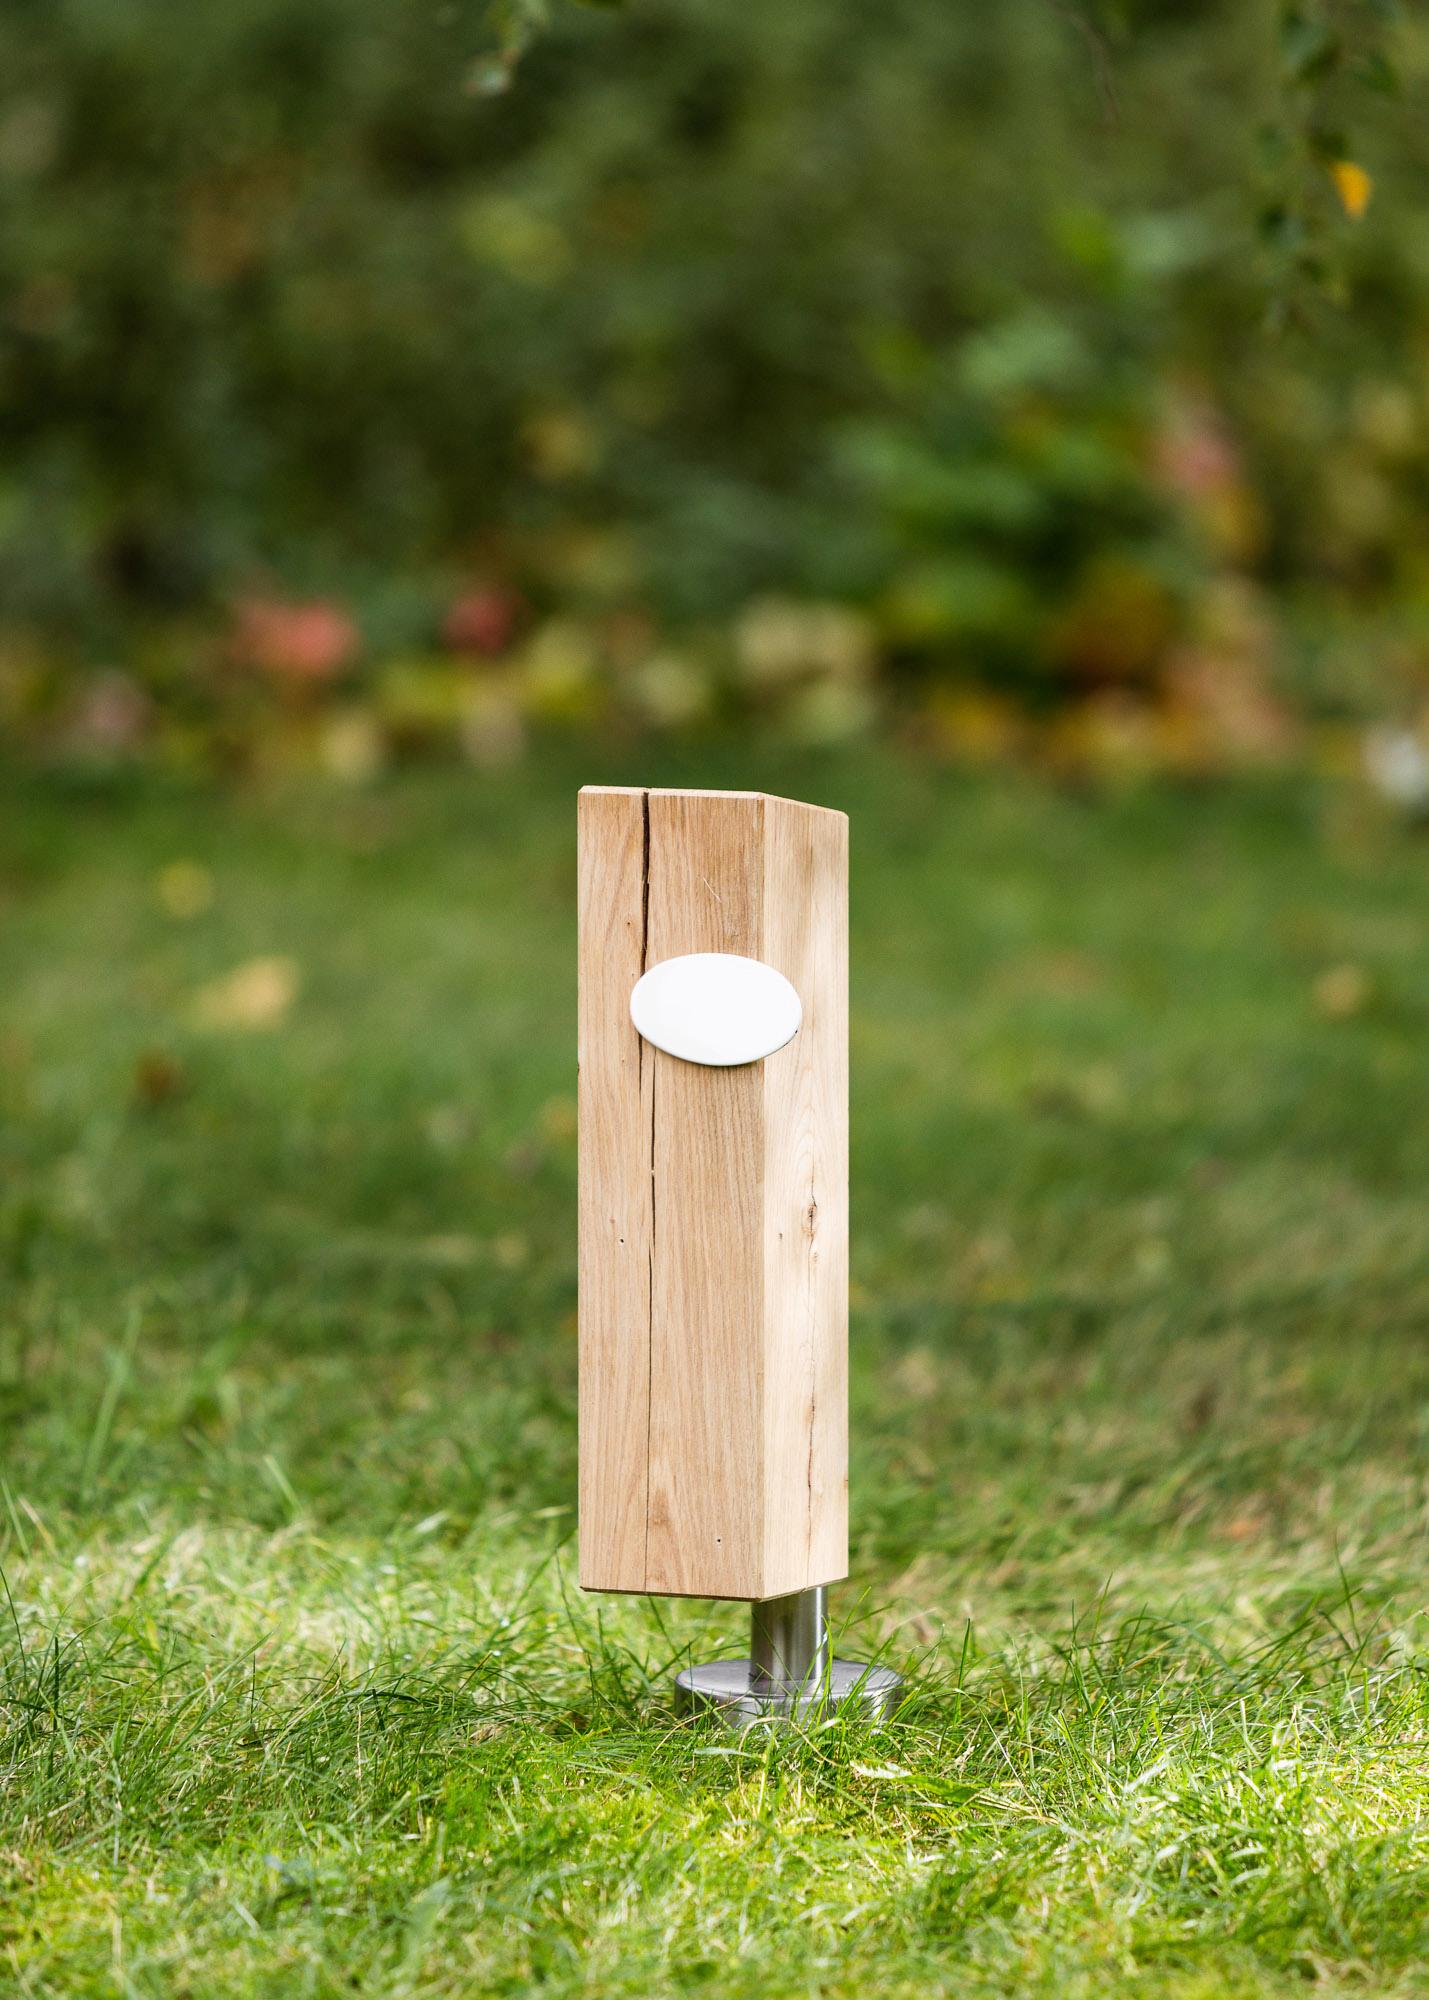 Grabstein-Alternative Stele aus Holz und ovales Emaille-Schild - Einzelgrab